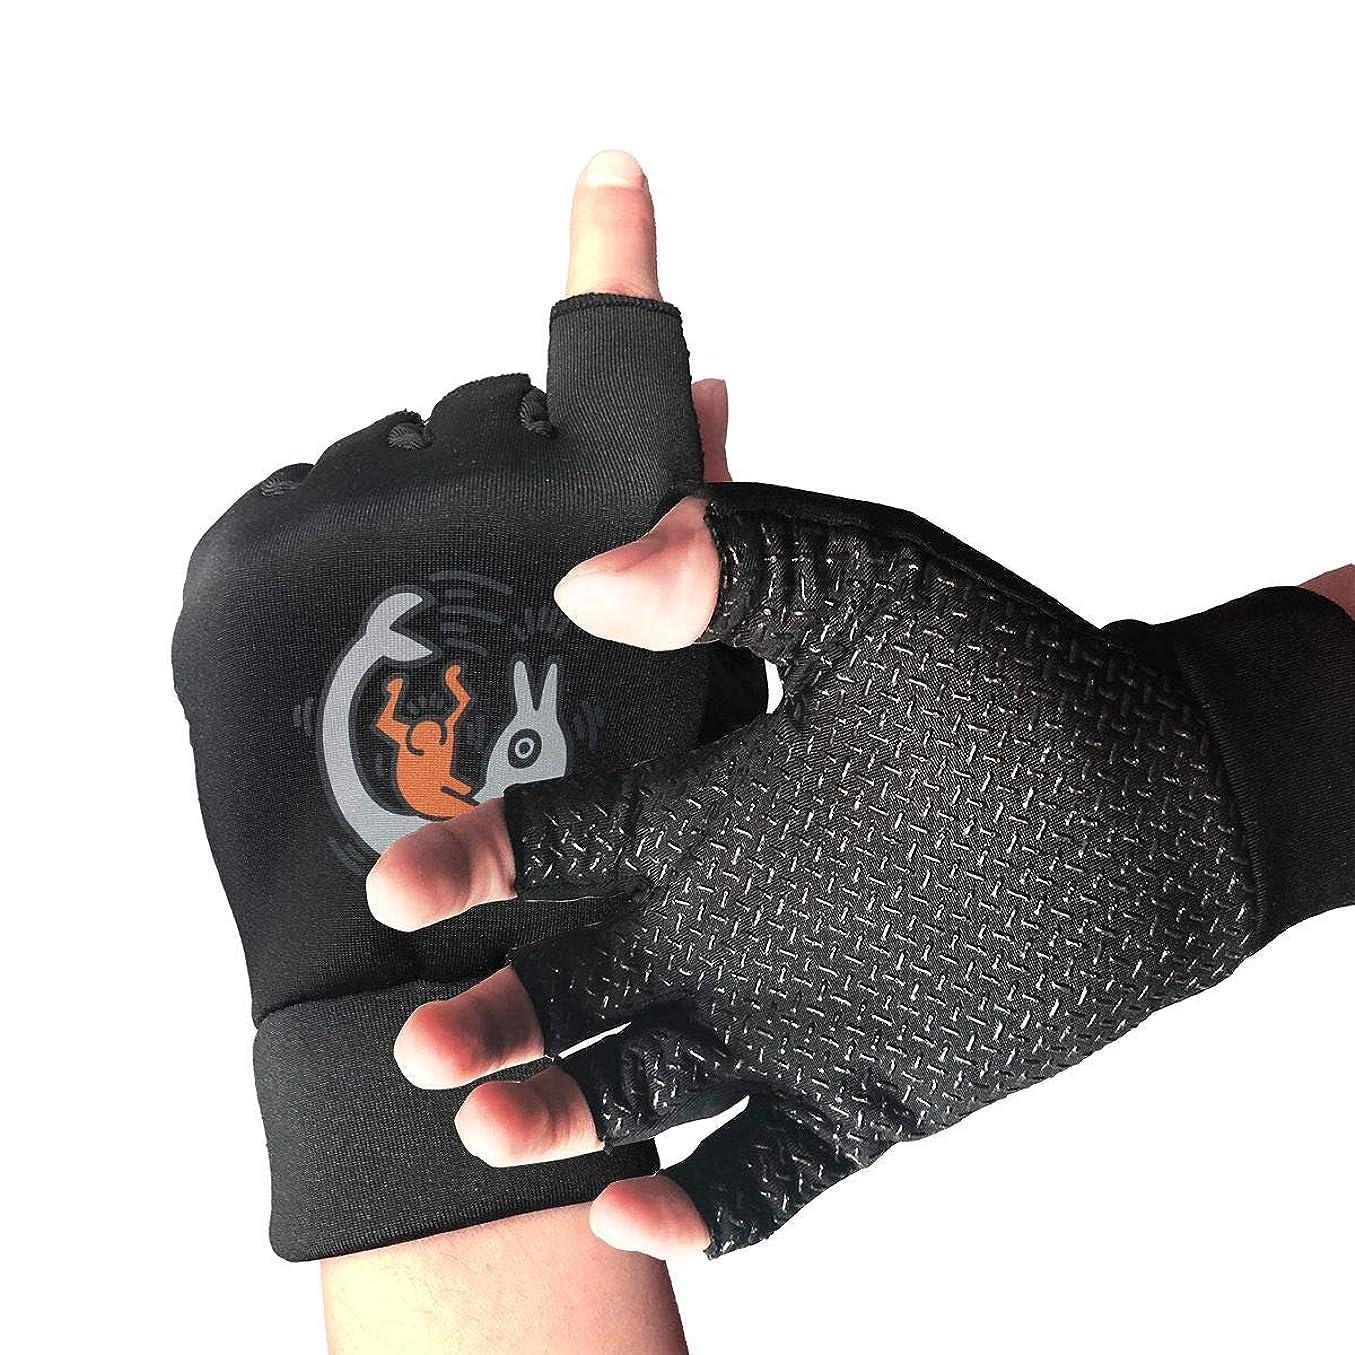 地味なサドル時グローブ 半指手袋 半指グローブ キース ヘリング ハーフフィンガー 指切り 滑り止め付き バイクグローブ スポーツ 耐磨耗性 アウトドア サイクリング トレーニング 通気性 男女兼用 筋トレグローブ 手のひら保護 衝撃吸収